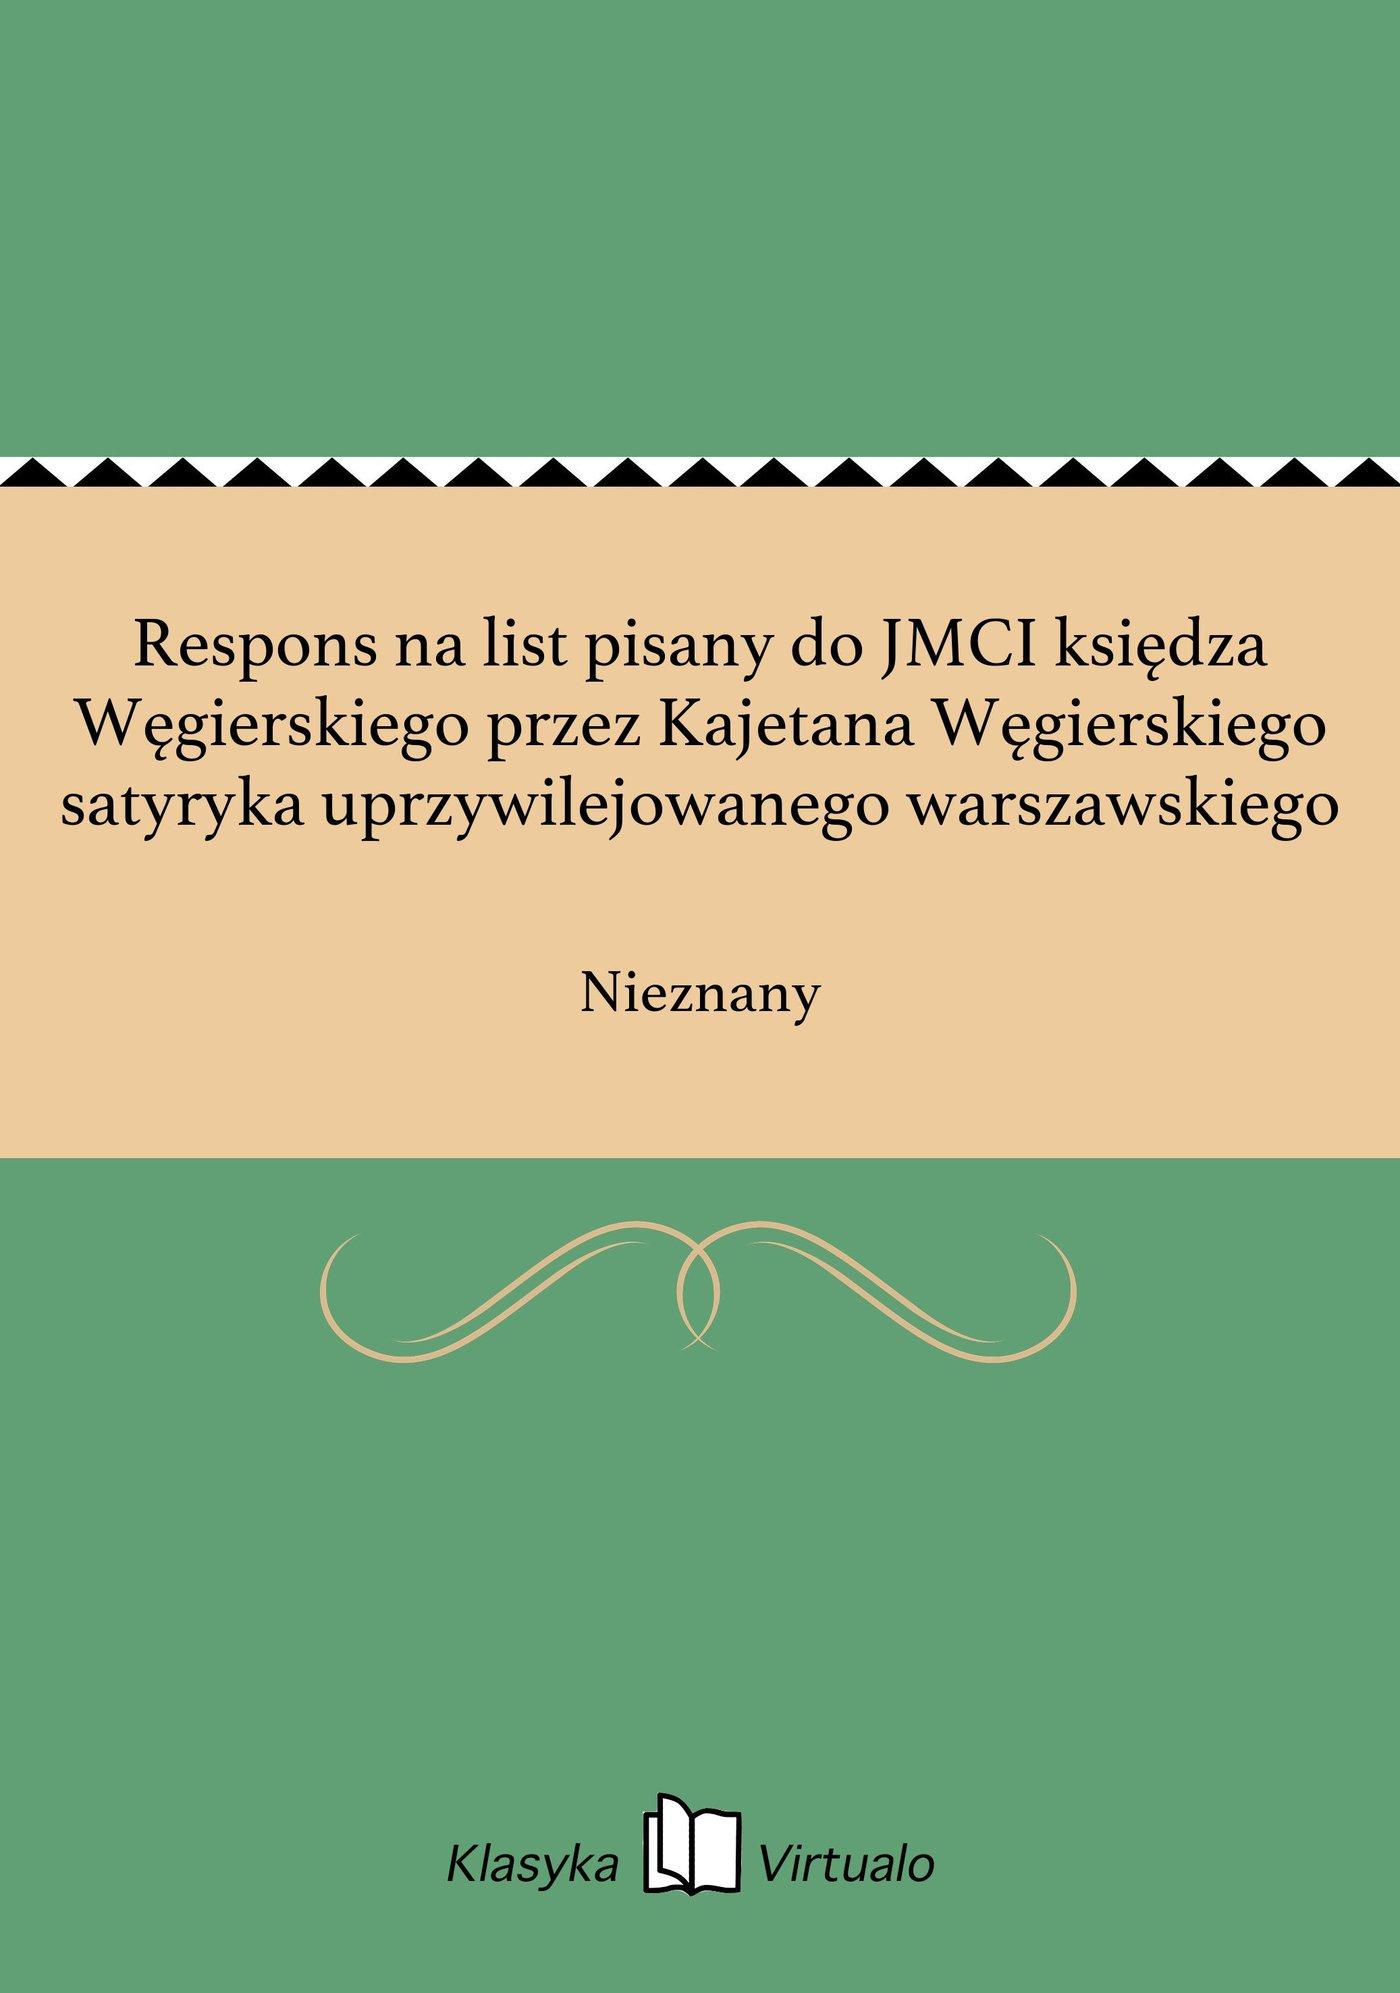 Respons na list pisany do JMCI księdza Węgierskiego przez Kajetana Węgierskiego satyryka uprzywilejowanego warszawskiego - Ebook (Książka na Kindle) do pobrania w formacie MOBI